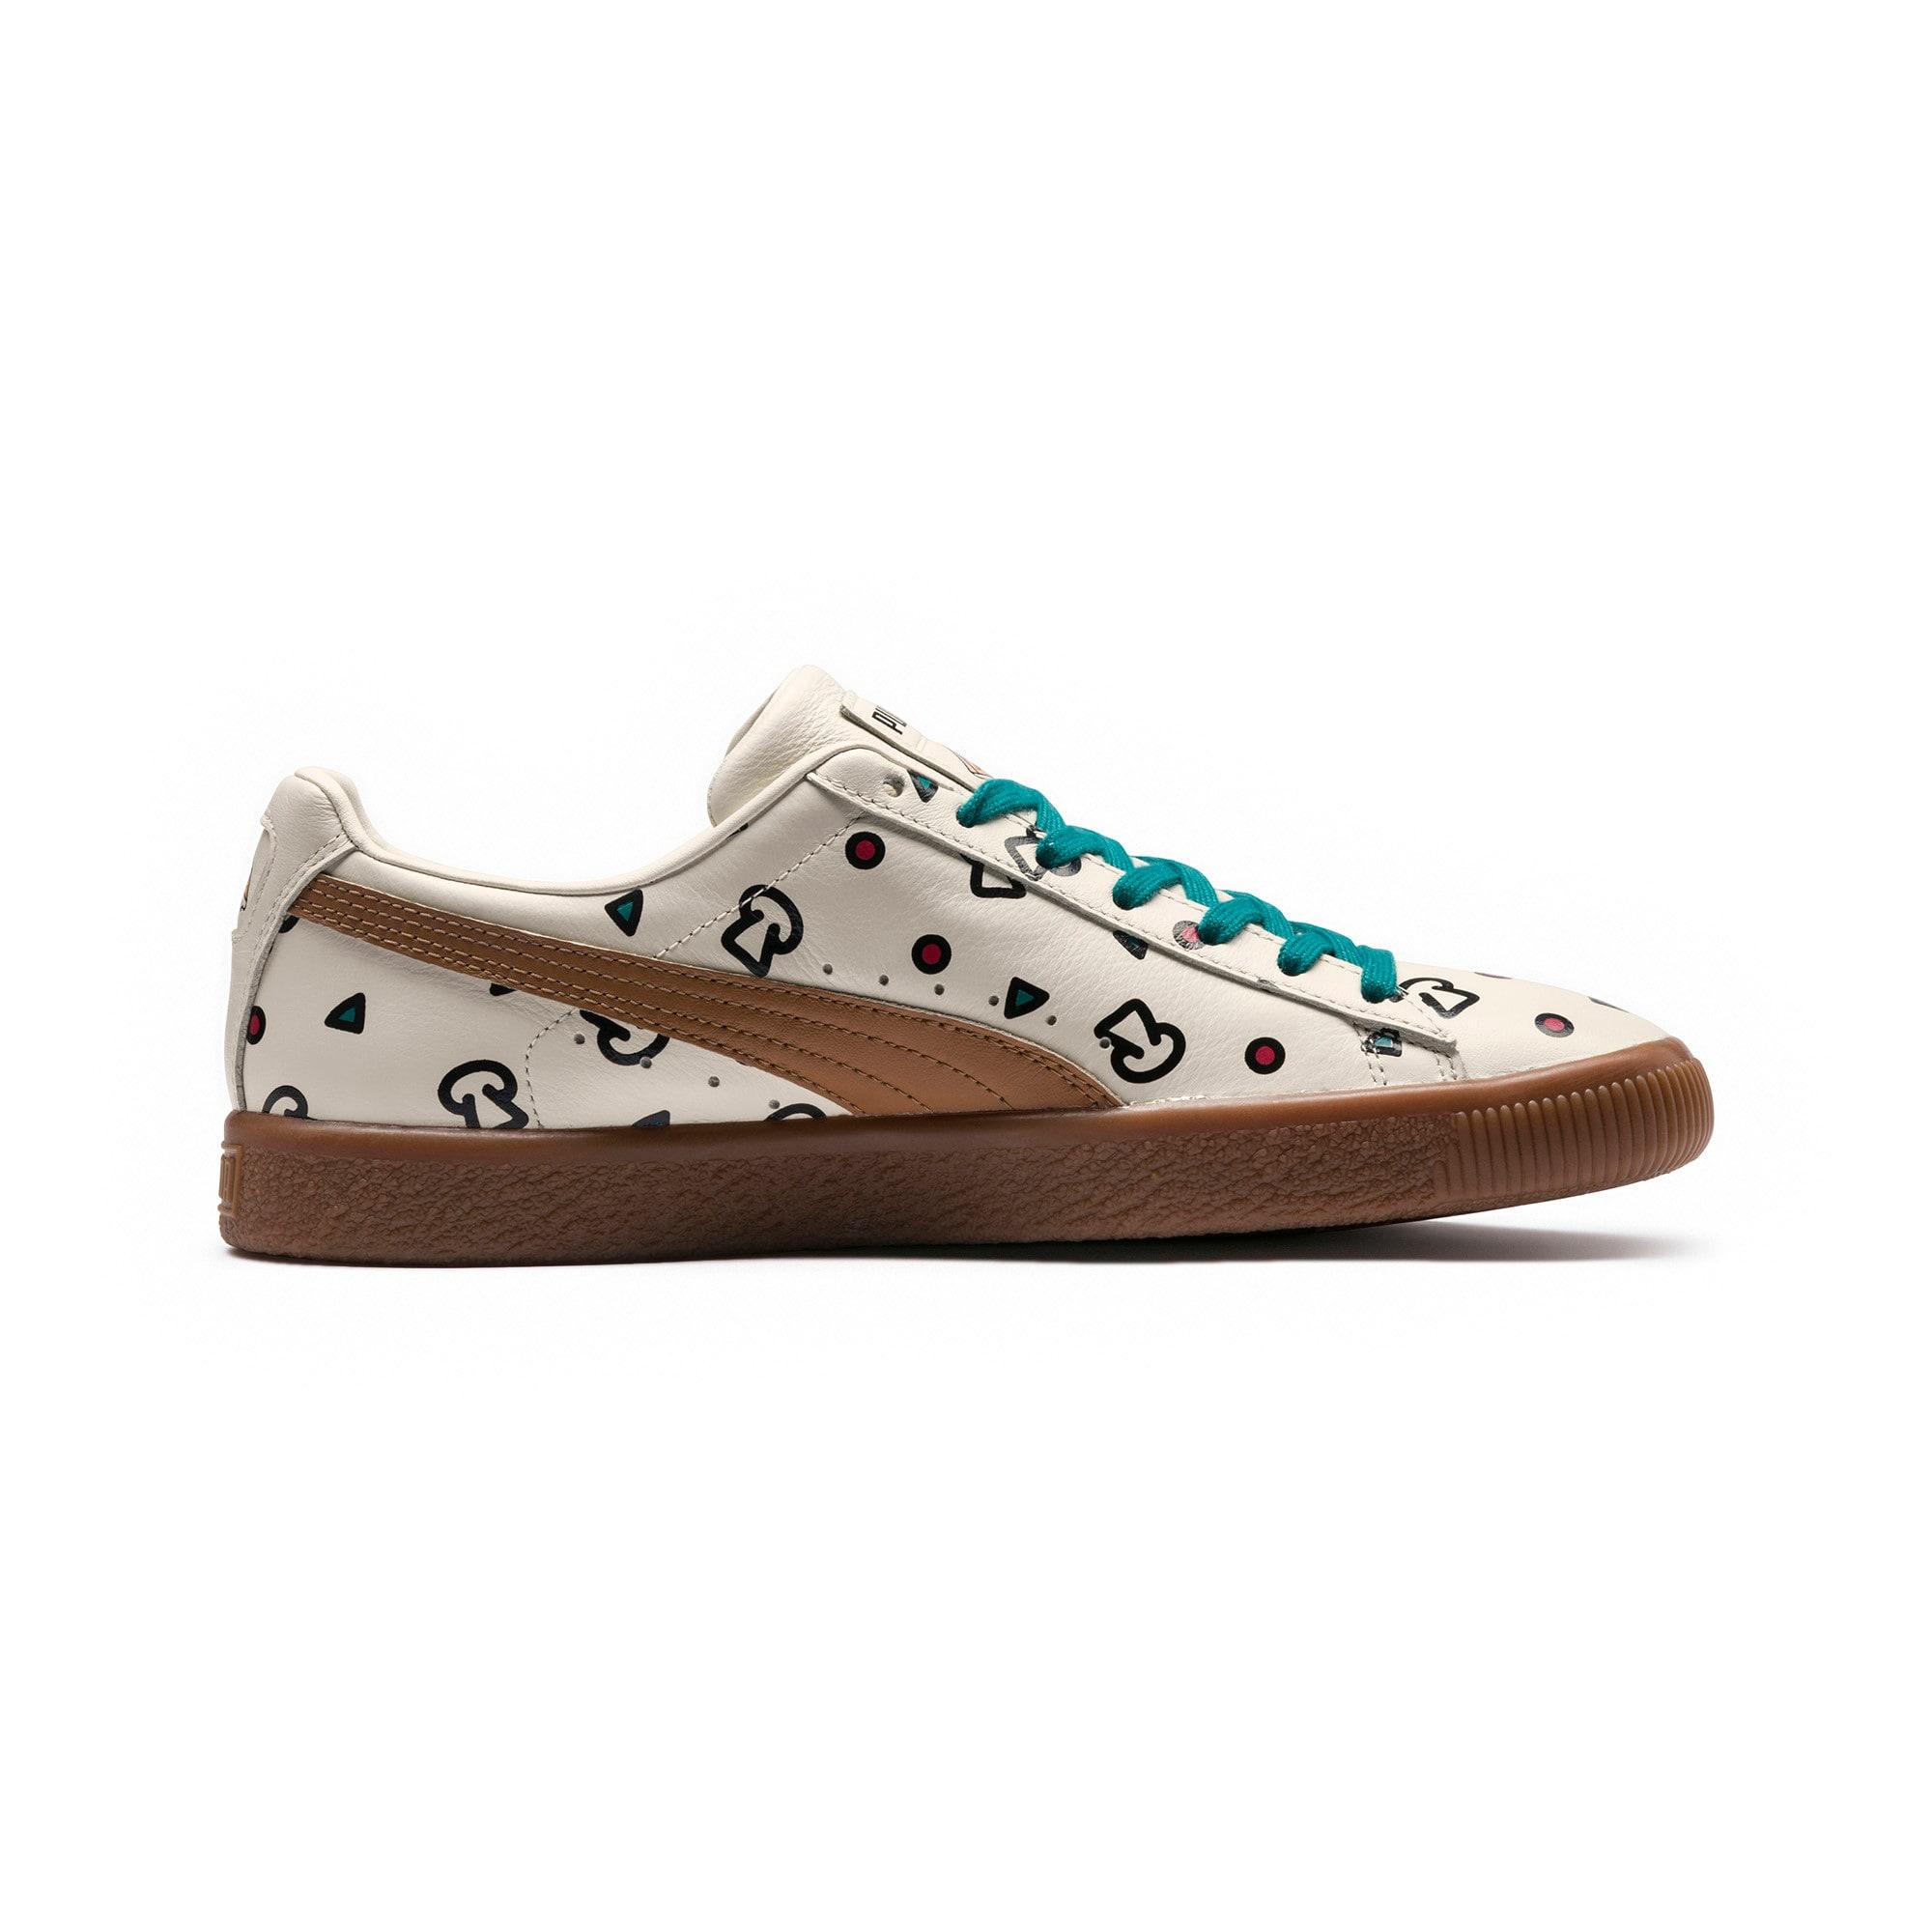 Thumbnail 5 of PUMA x TYAKASHA Clyde Graphic Sneakers, Birch, medium